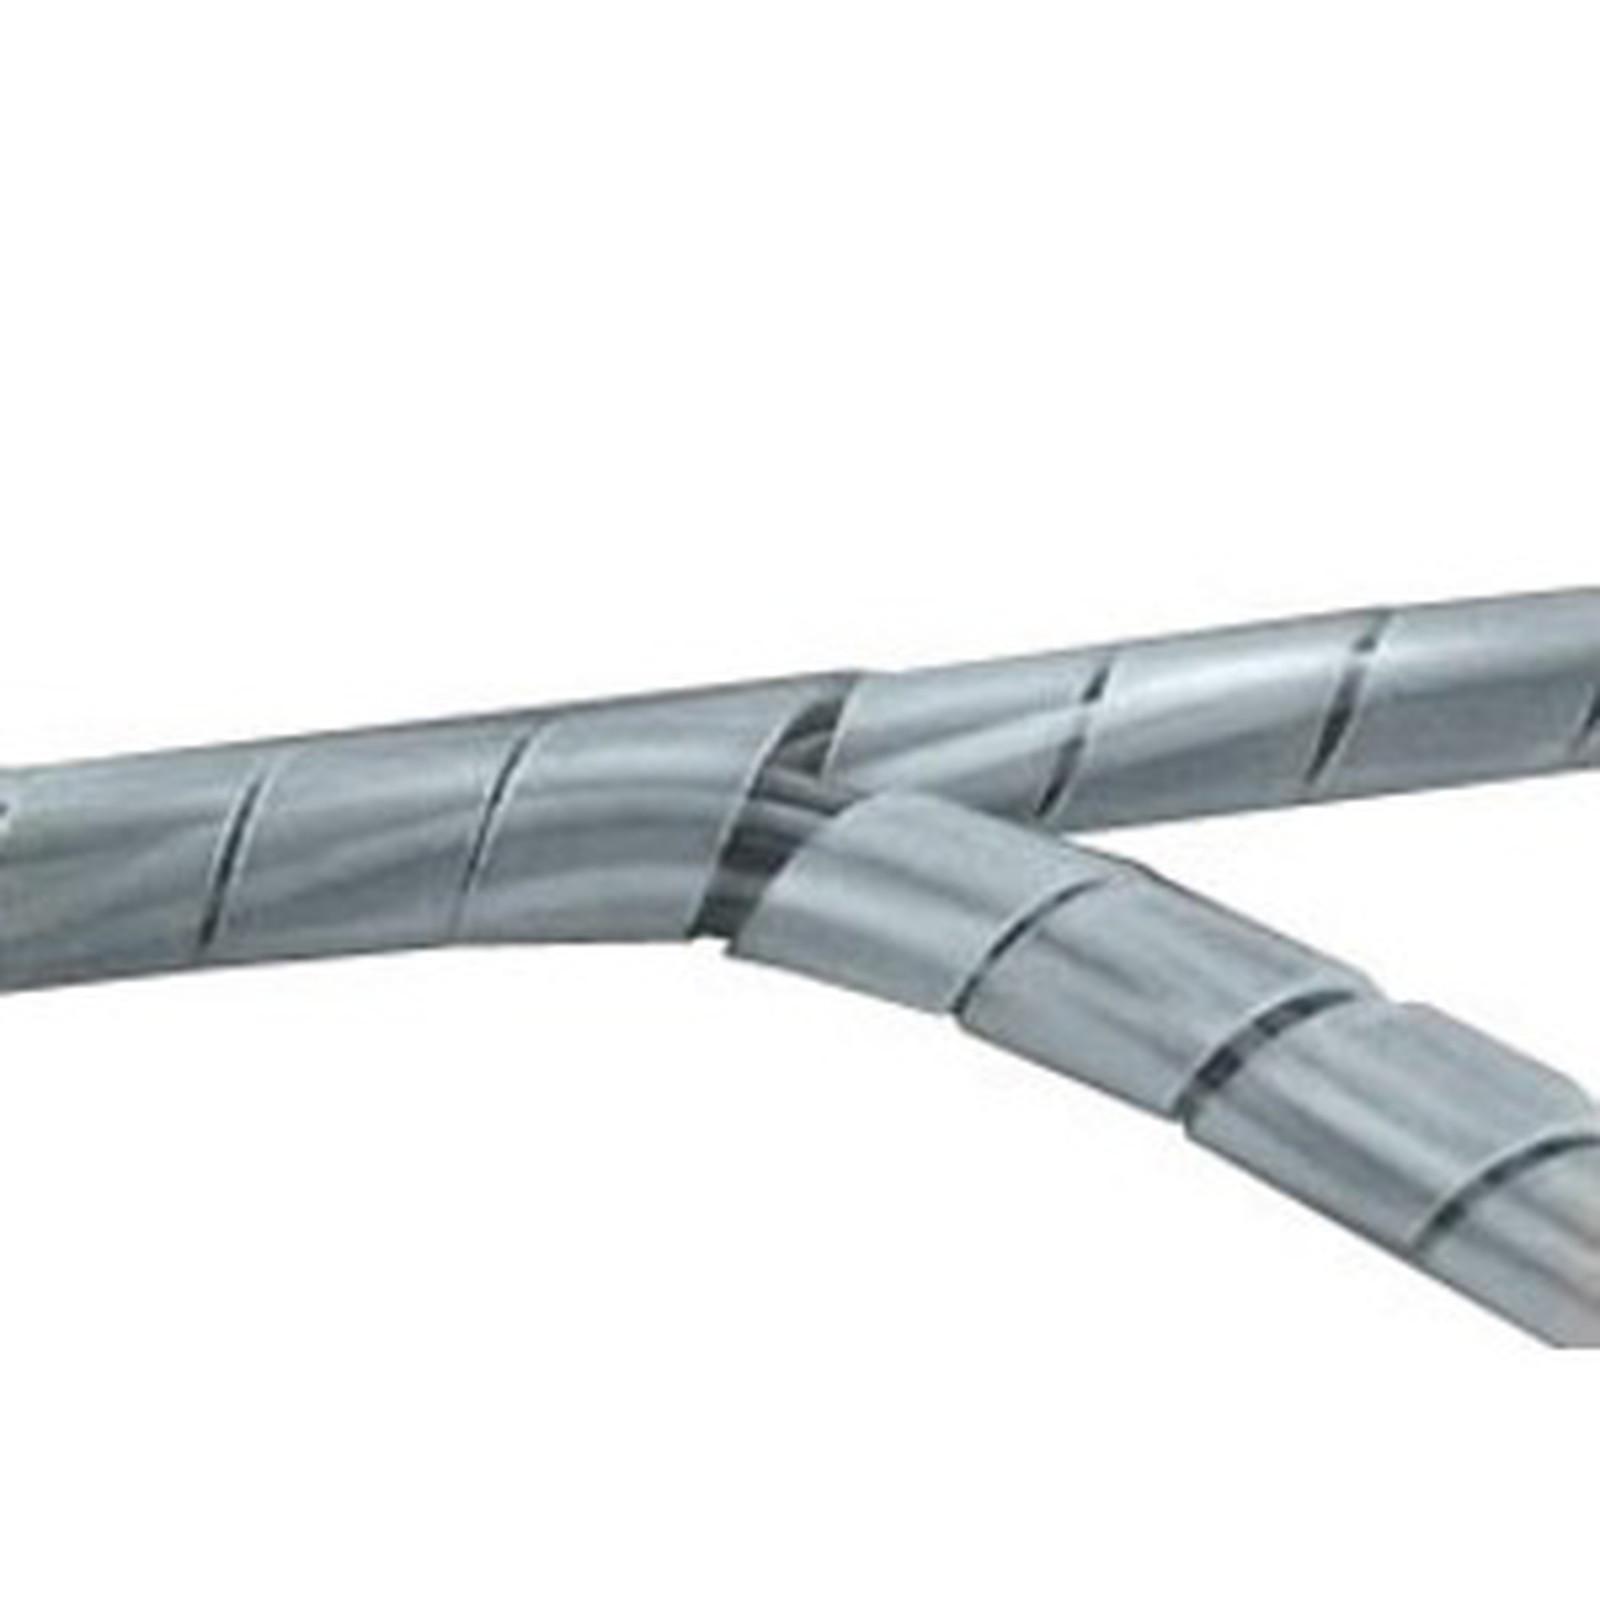 Gaine de rangement pour câbles - diamètre 65 mm max. - longueur 10 m (coloris blanc)